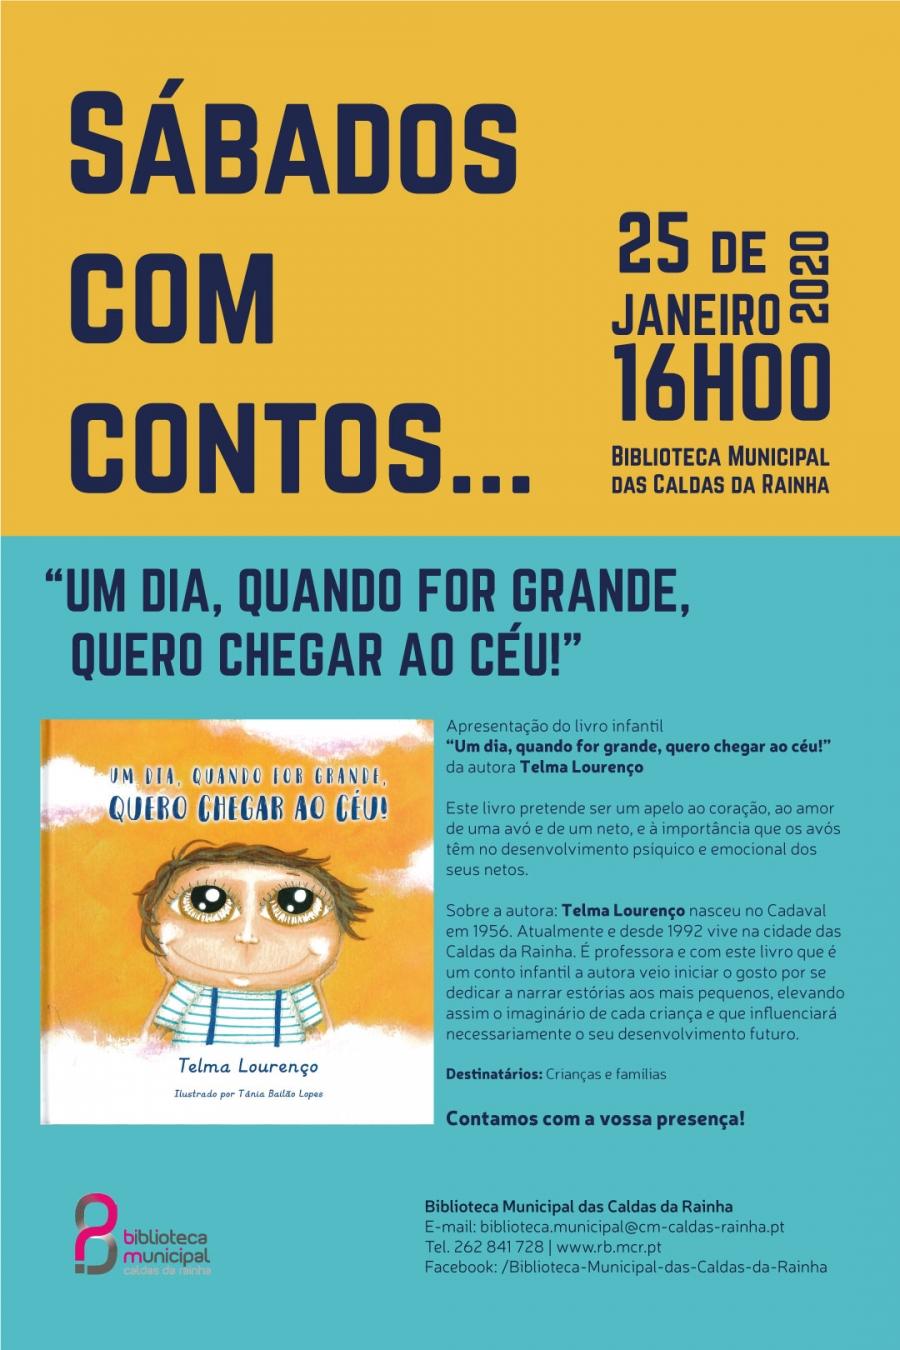 SÁBADOS COM CONTOS... APRESENTAÇÃO DE LIVRO INFANTIL